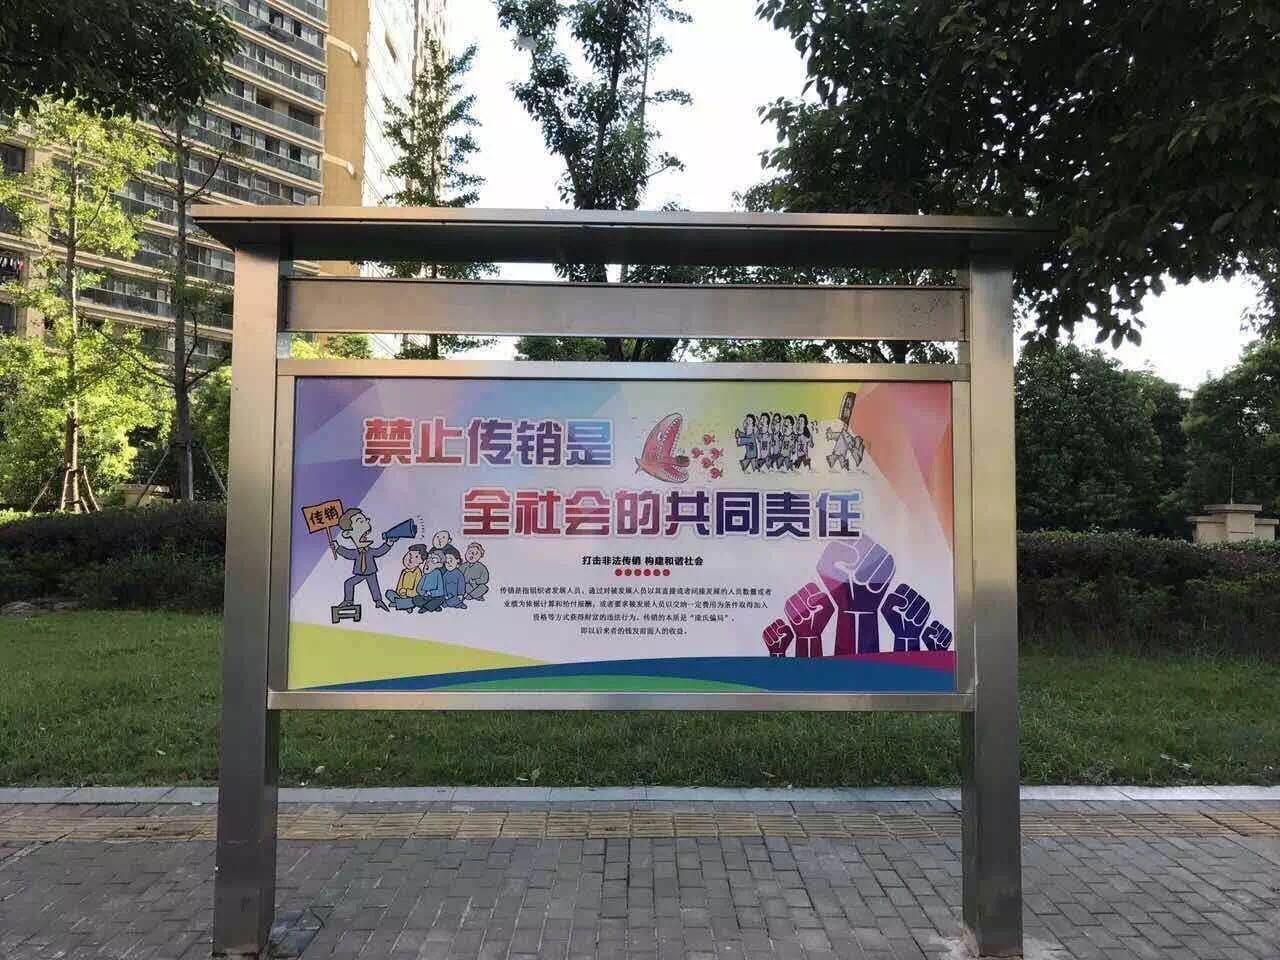 """南京传销头目""""跑路""""引内讧,暴露保障房社区传销组织猖獗"""